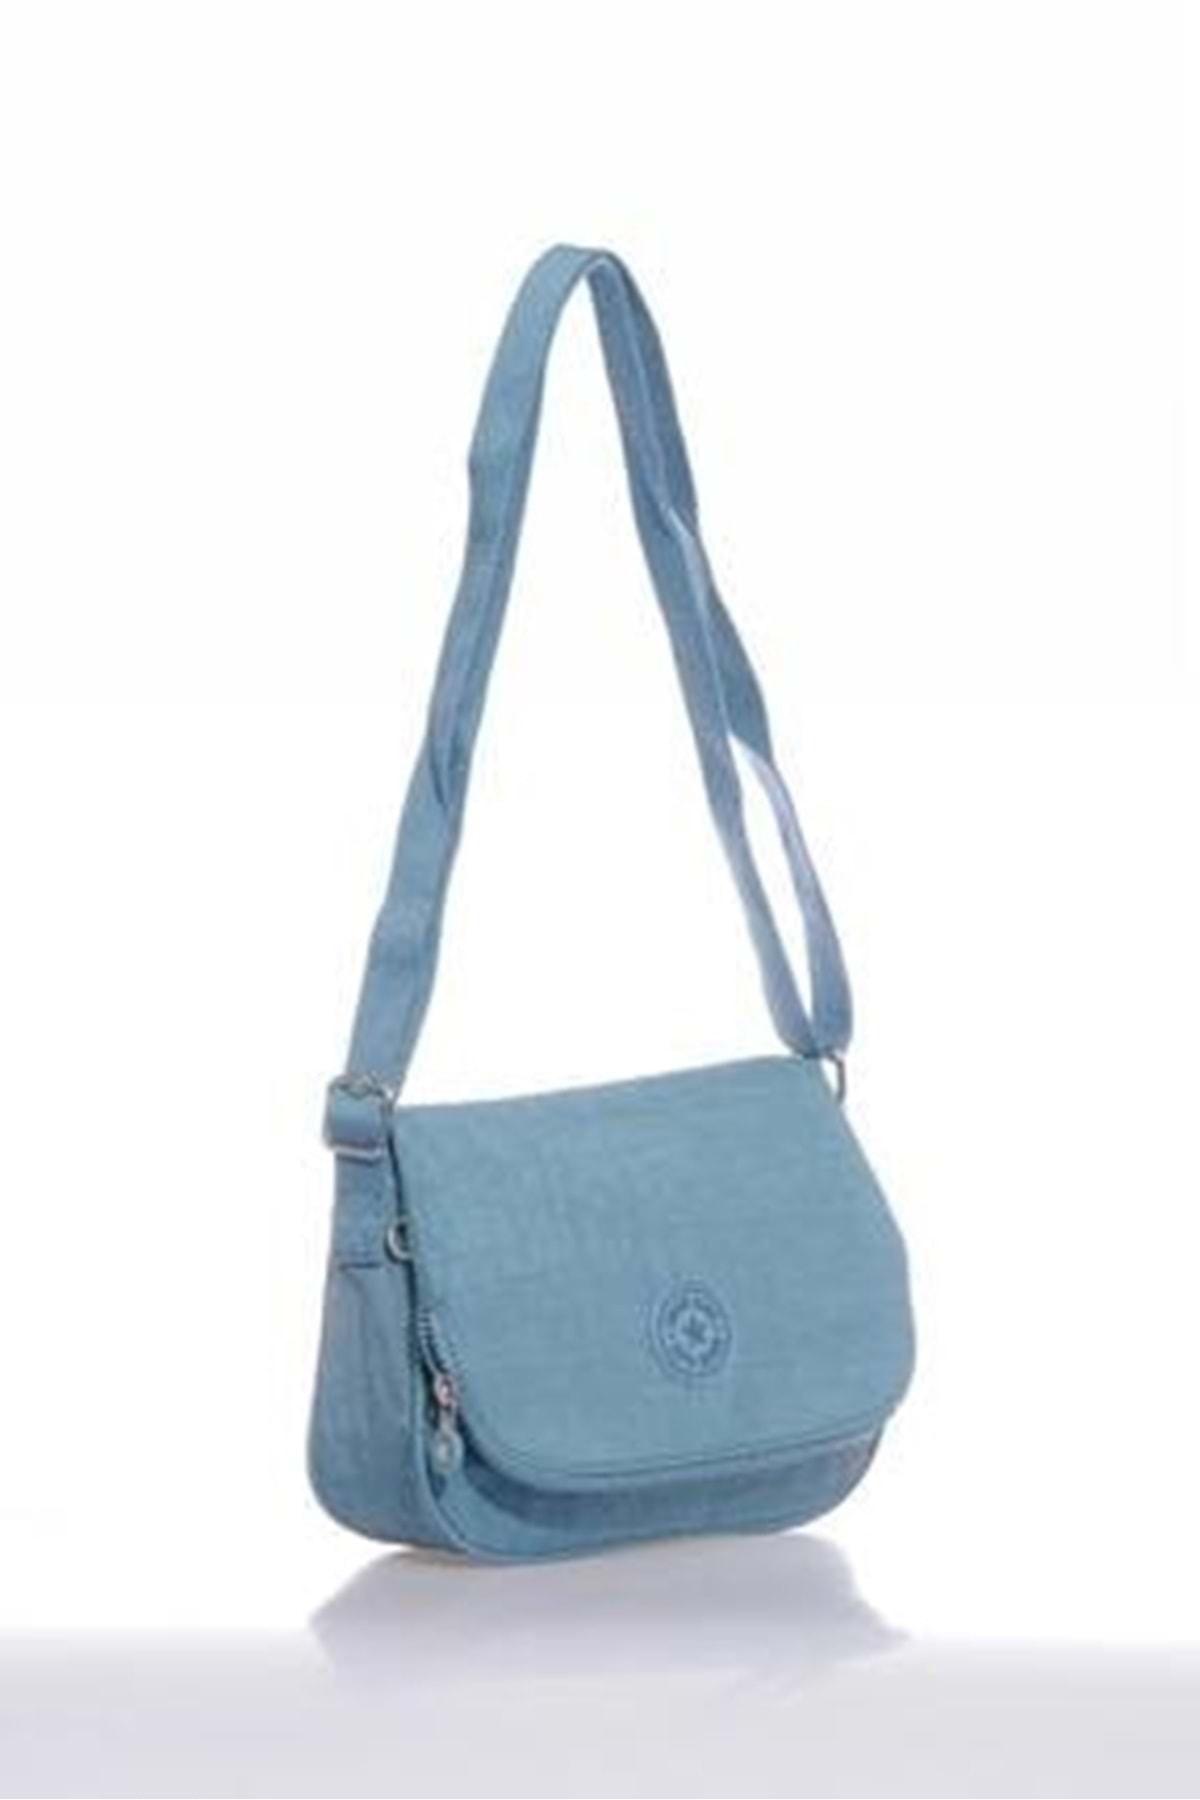 SMART BAGS Kadın  Buz Mavi Omuz Çantası 3056 2